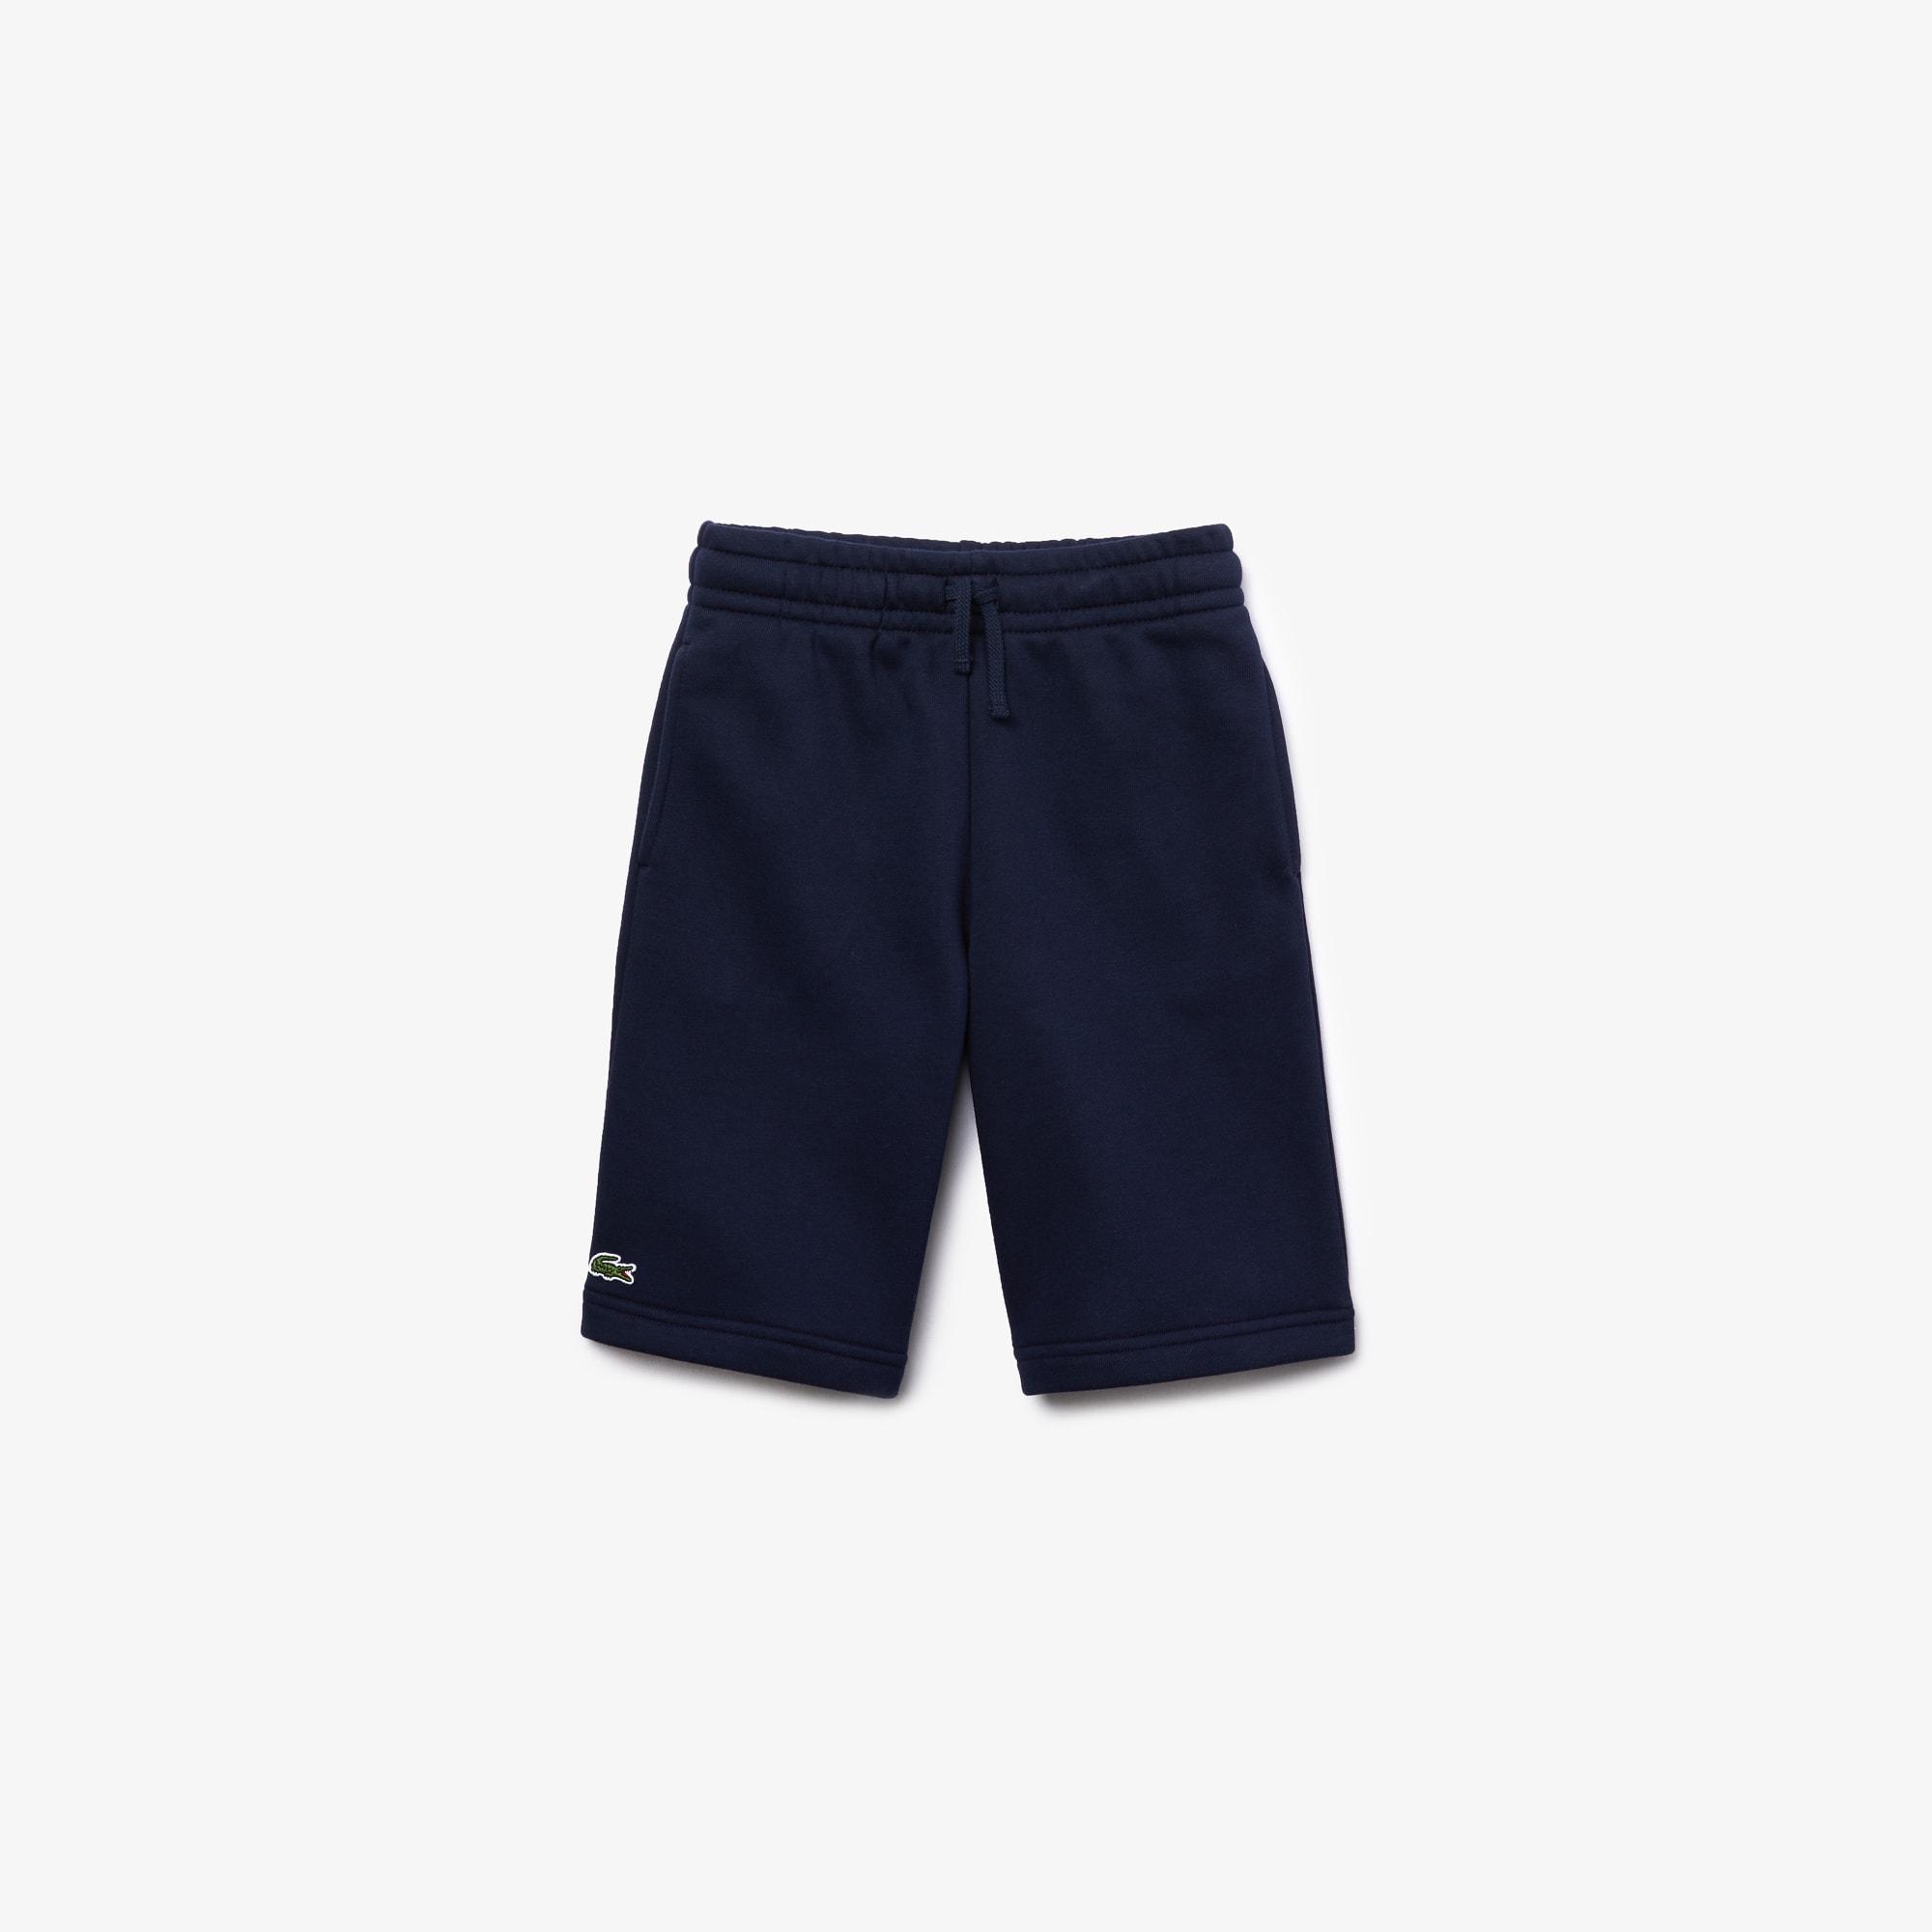 Pantaloncini Kids Tennis Lacoste SPORT in mollettone di cotone